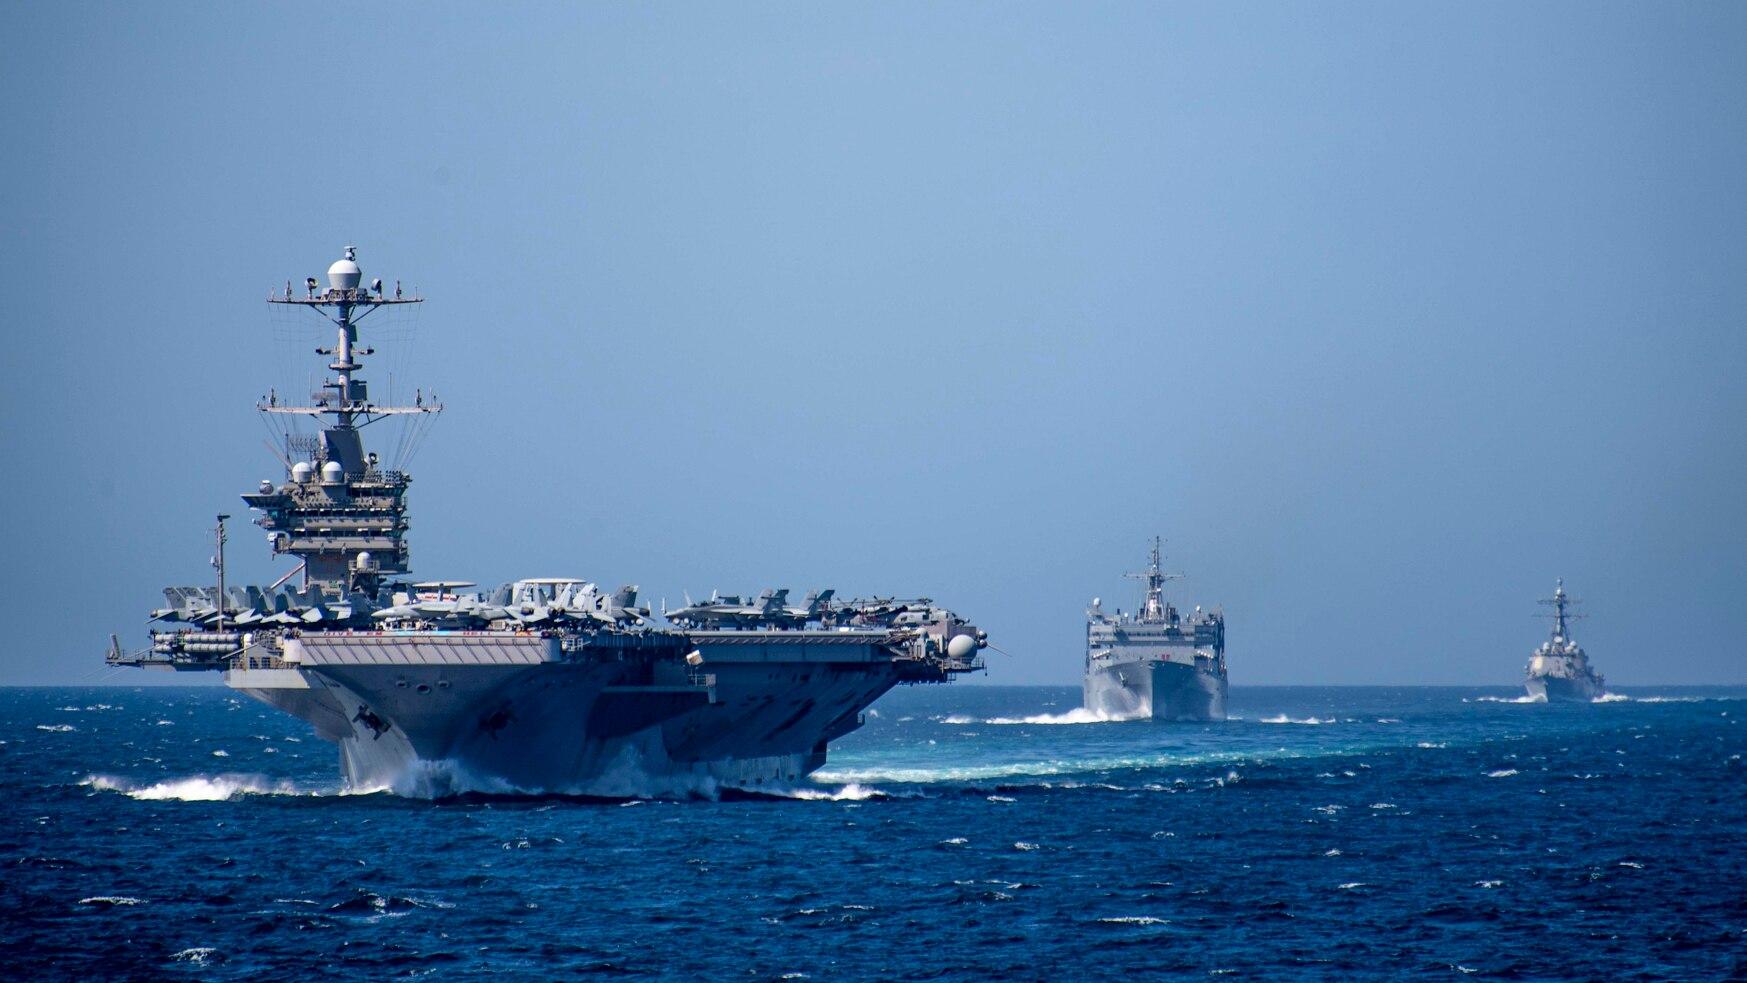 伊朗紧张局势下,两艘美军航母被部署在中东,美国人:可疑的动作